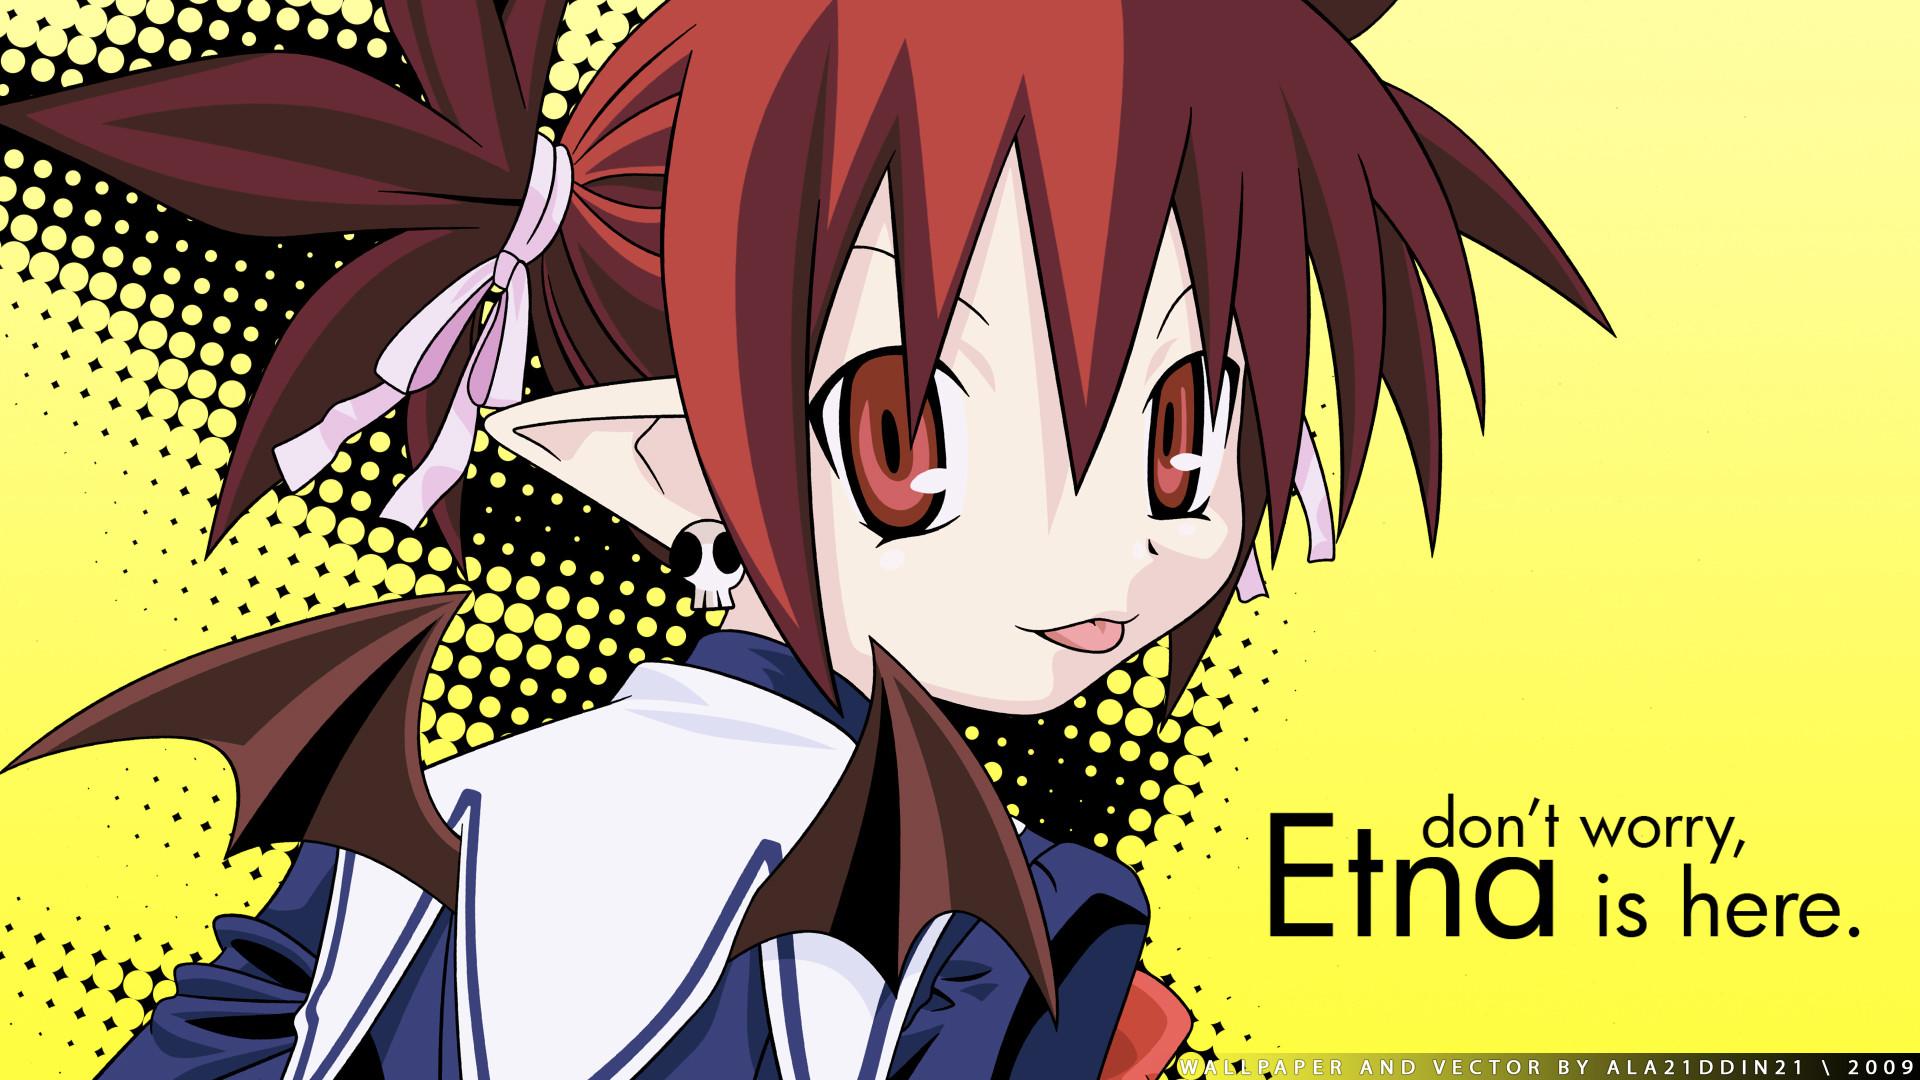 Res: 1920x1080, Etna · download Etna image